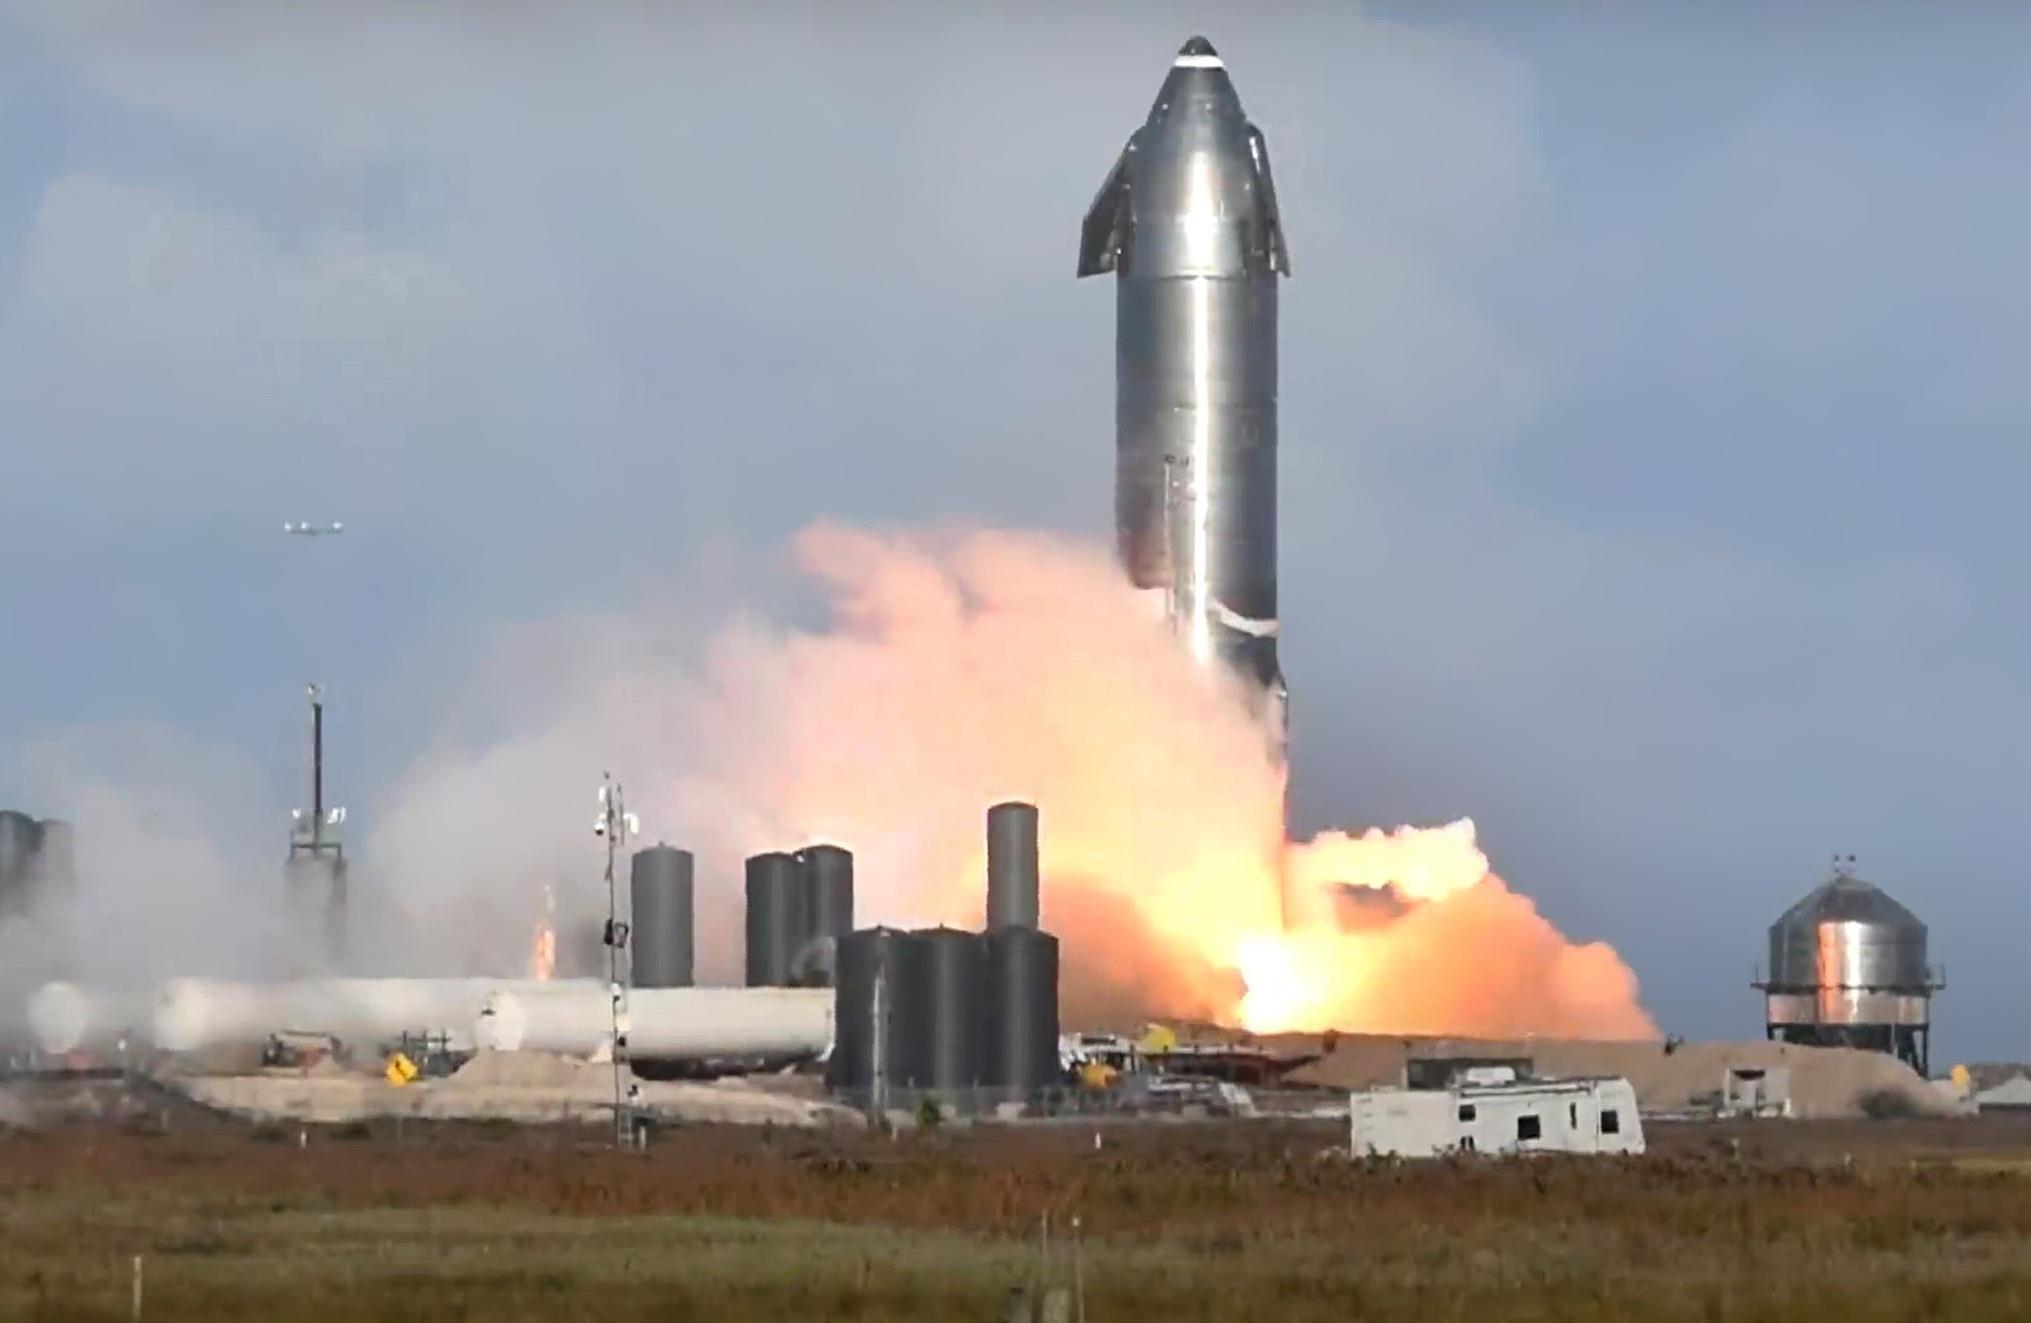 Илон Маск провёл огневые испытания сверхтяжёлой ракеты Starship SN10